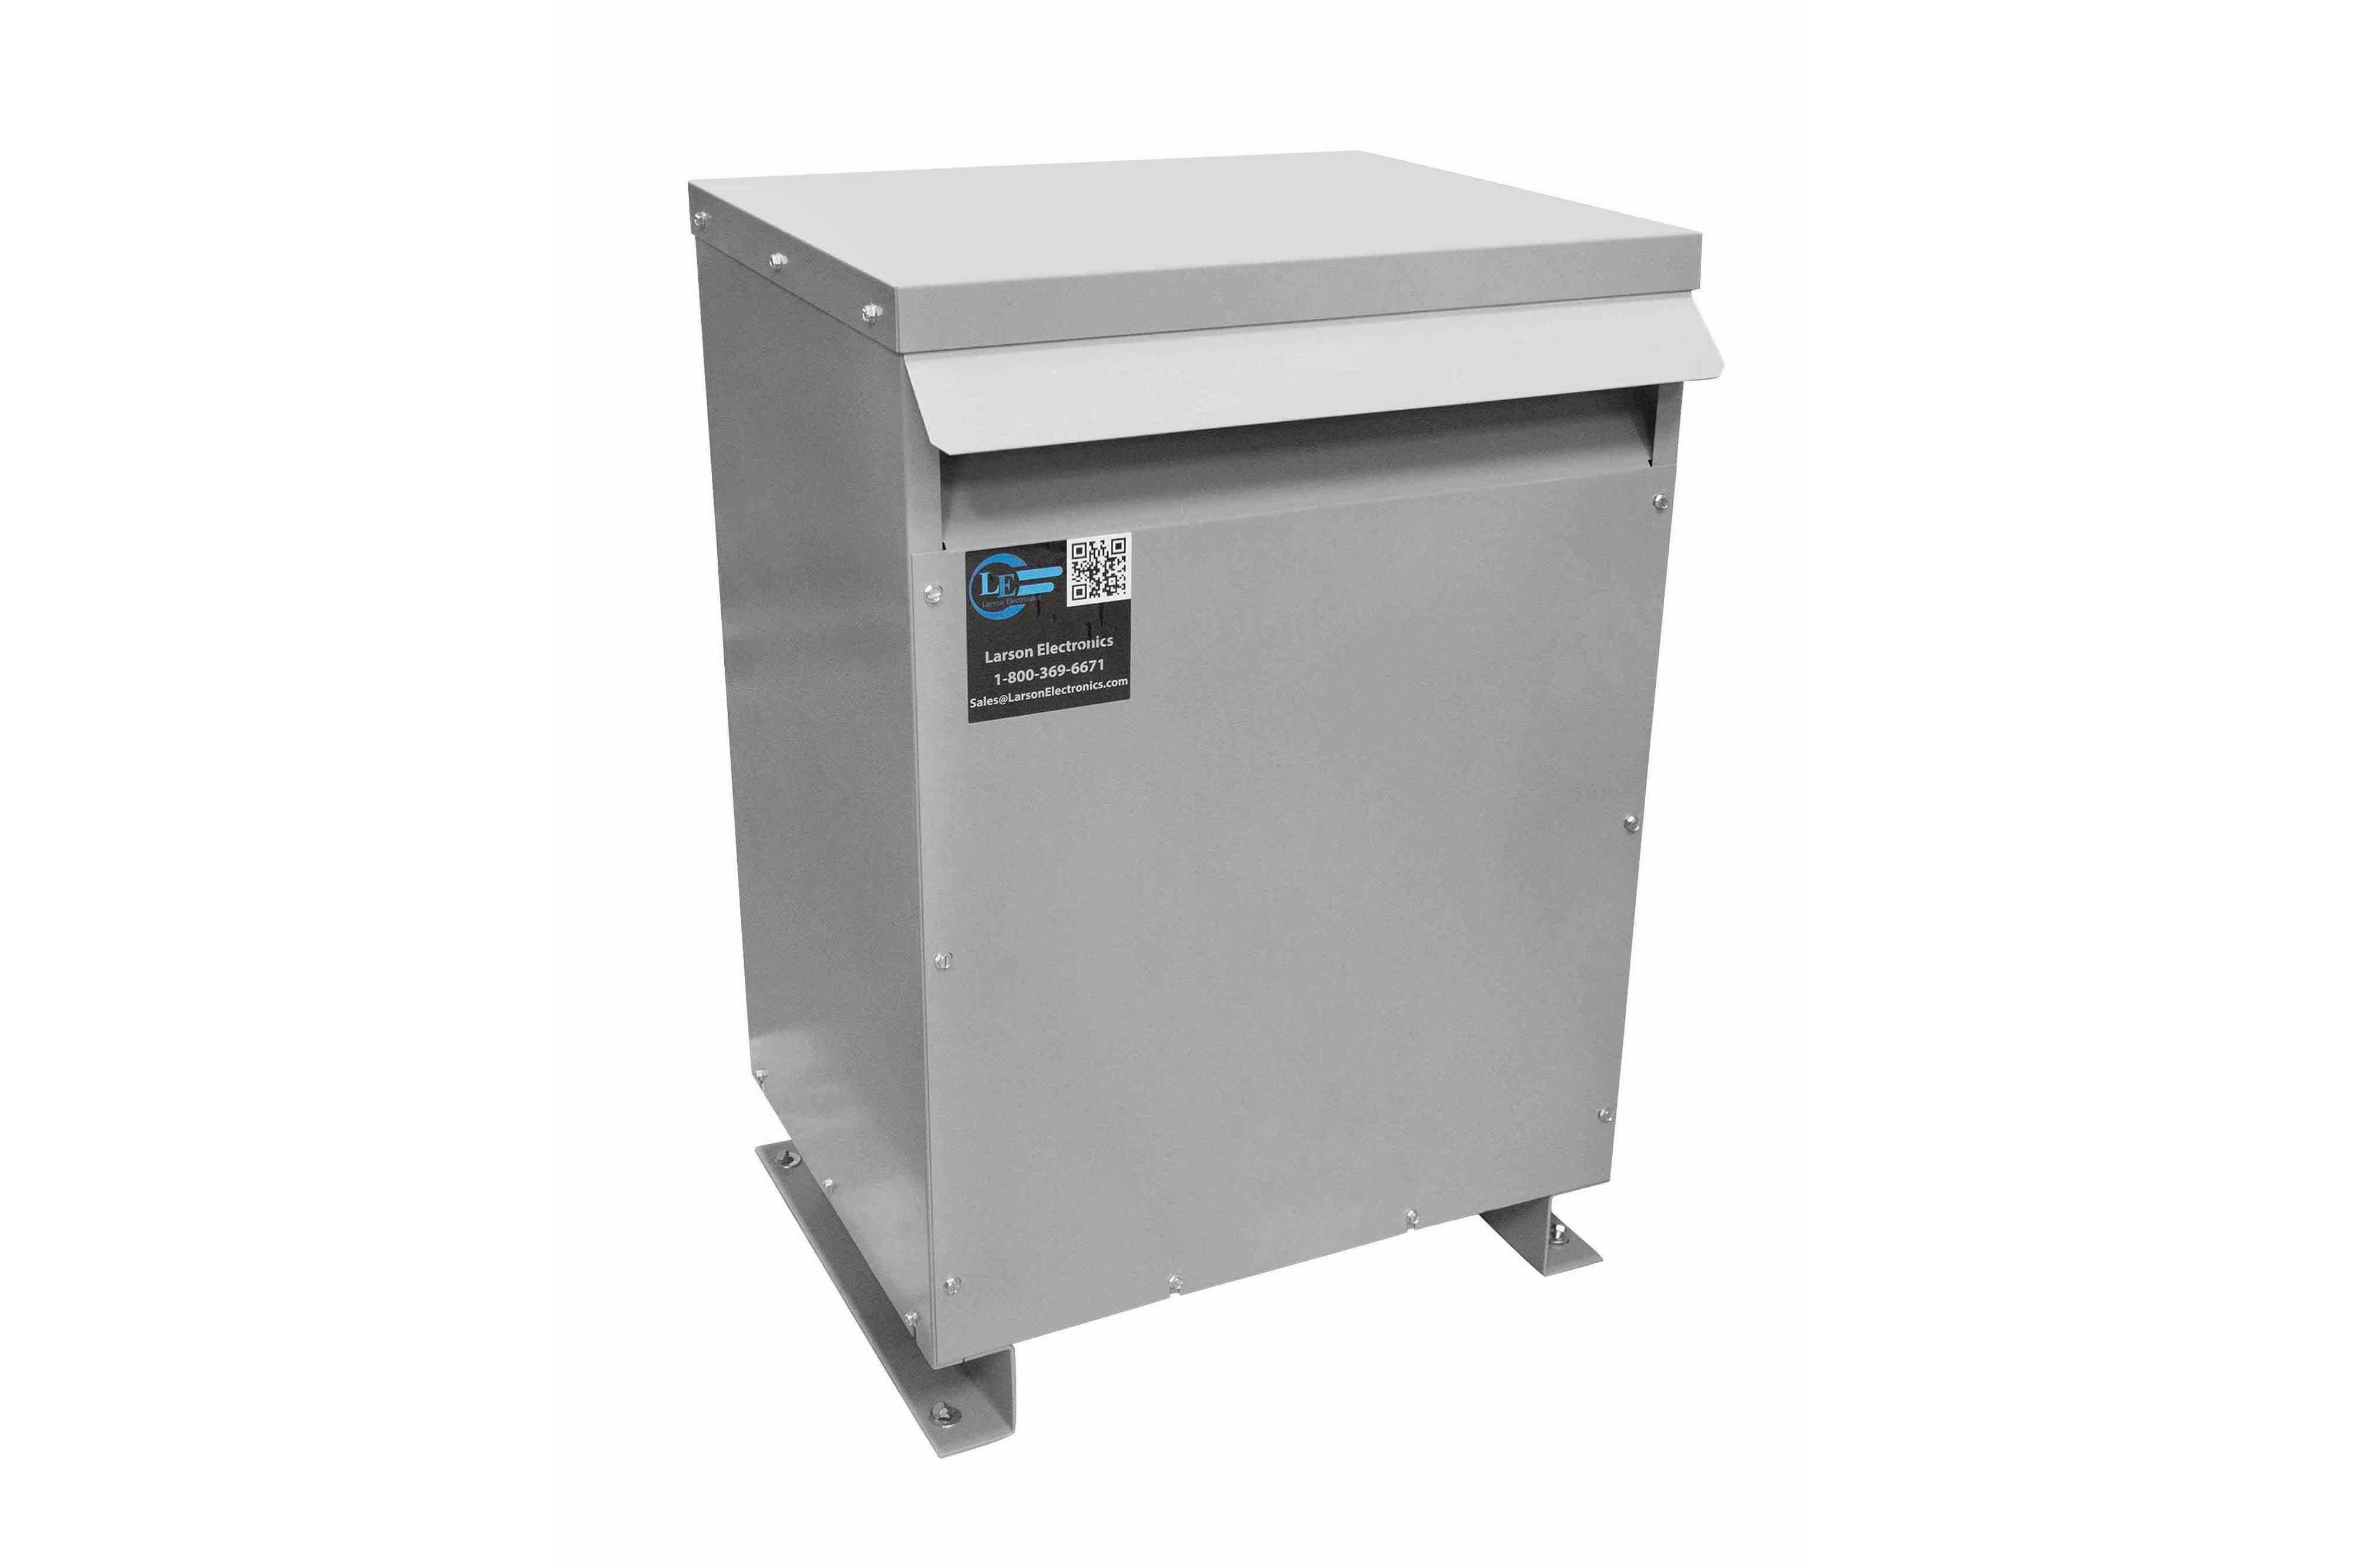 75 kVA 3PH Isolation Transformer, 600V Delta Primary, 208V Delta Secondary, N3R, Ventilated, 60 Hz